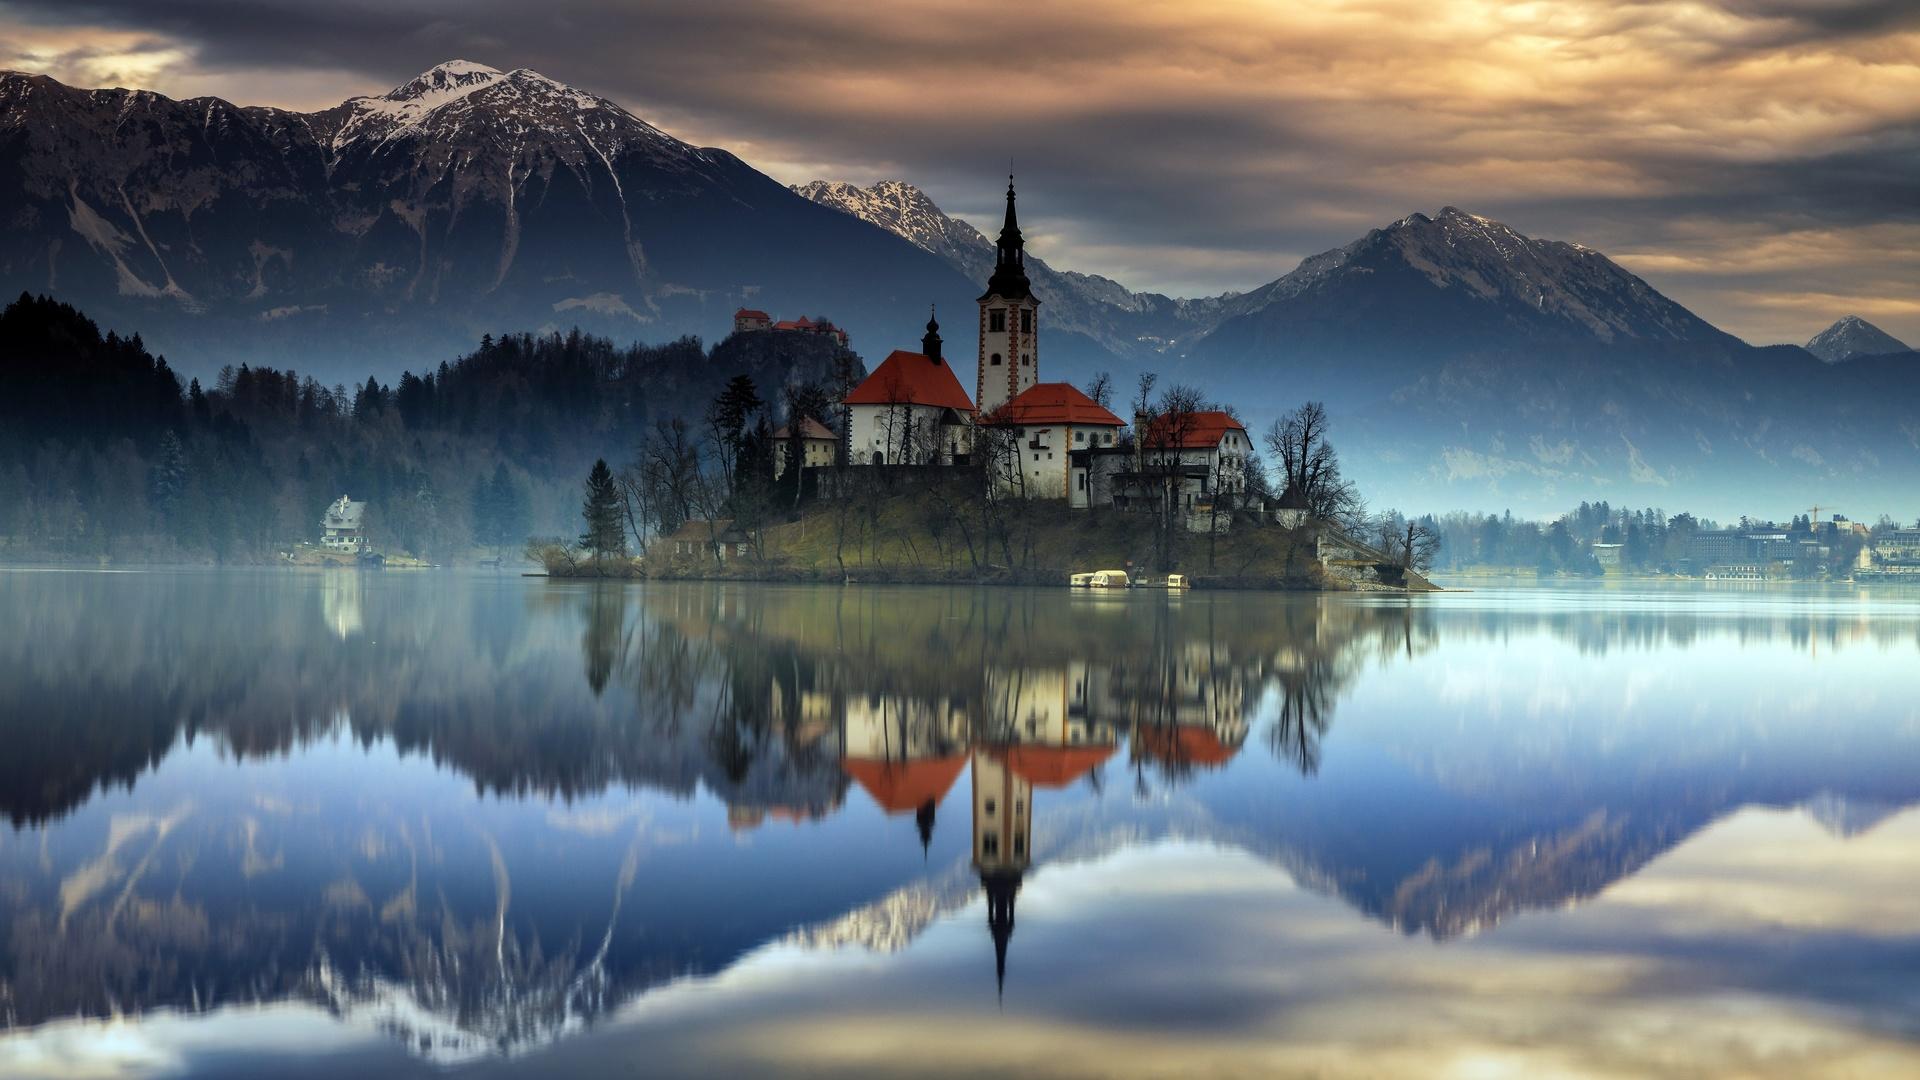 словения, горы, озеро, остров, замок, , lake, bled, upper carniolan, отражение, природа